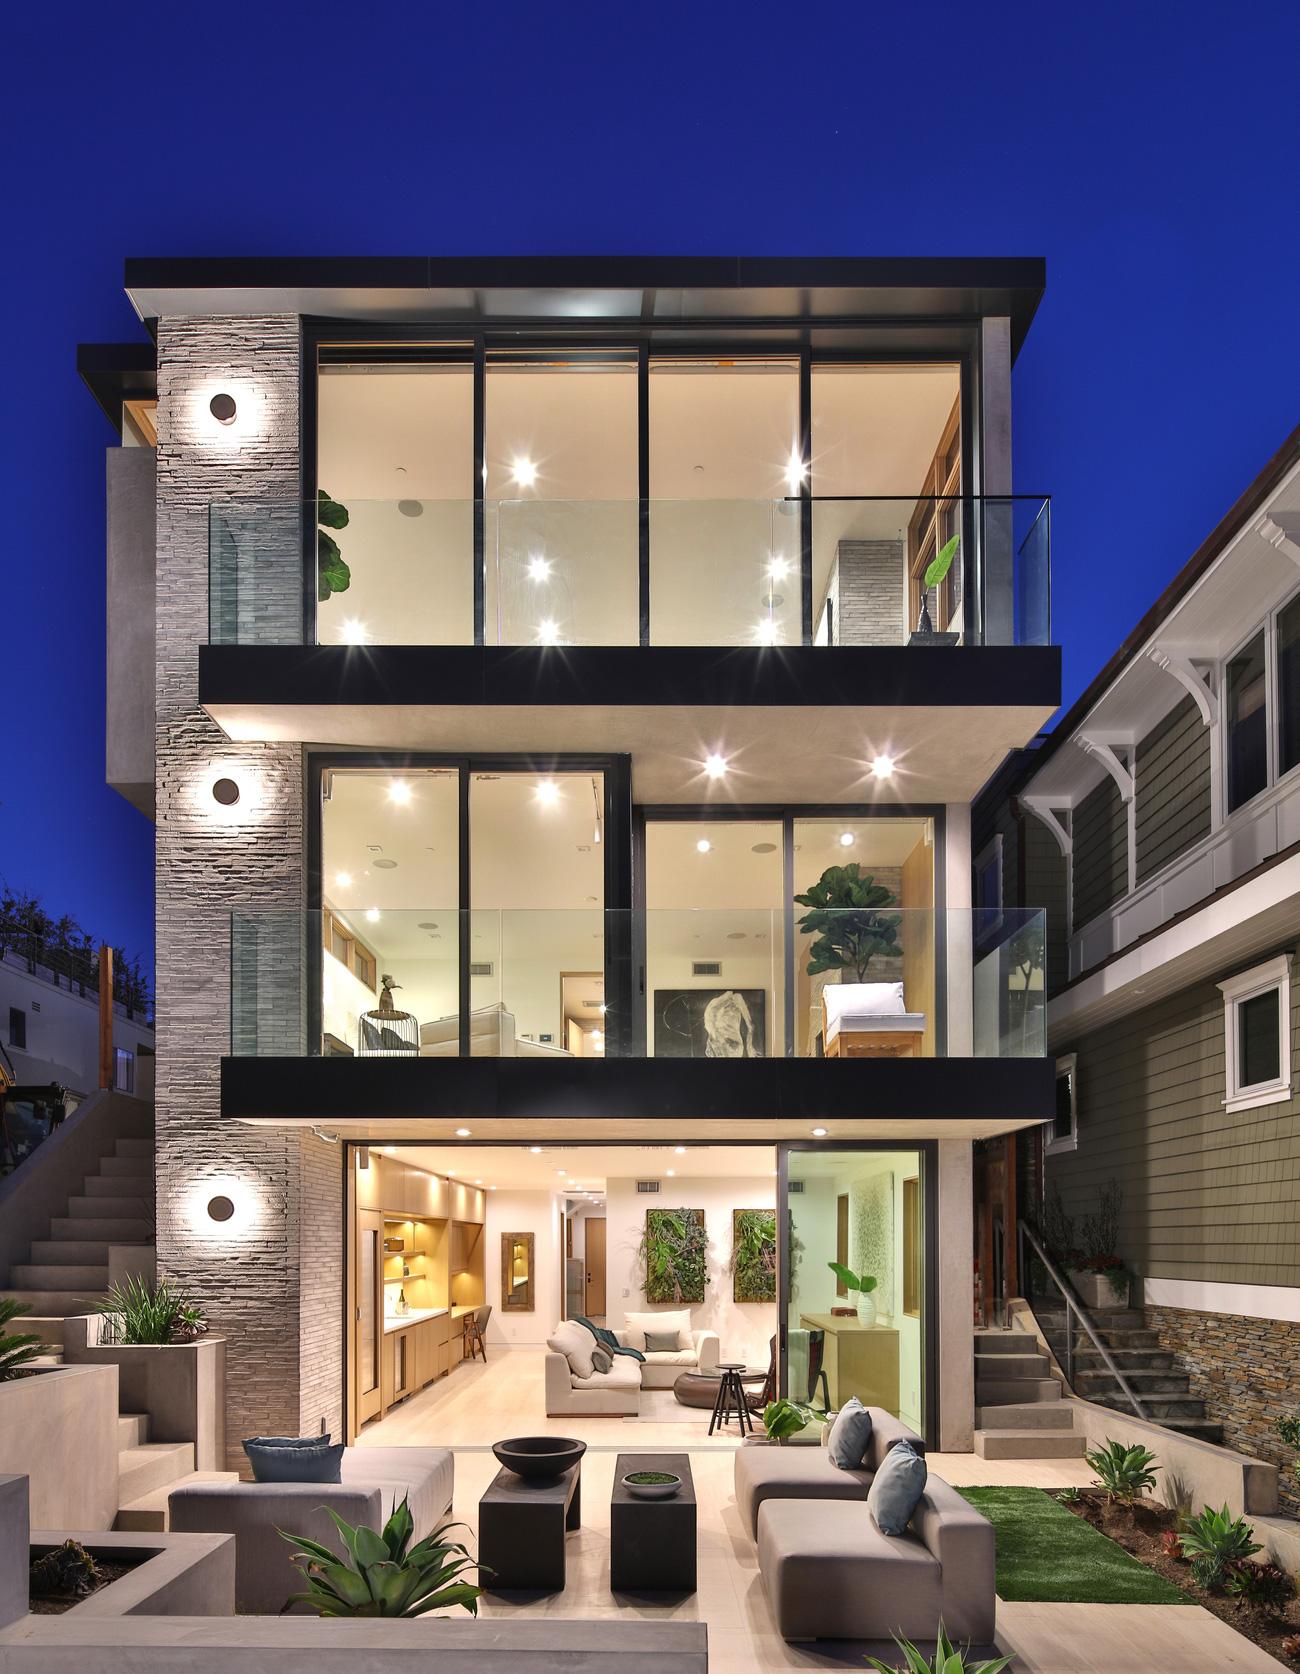 exterior-manhattan-beach-house-stone-facade-silicon-bay.jpg